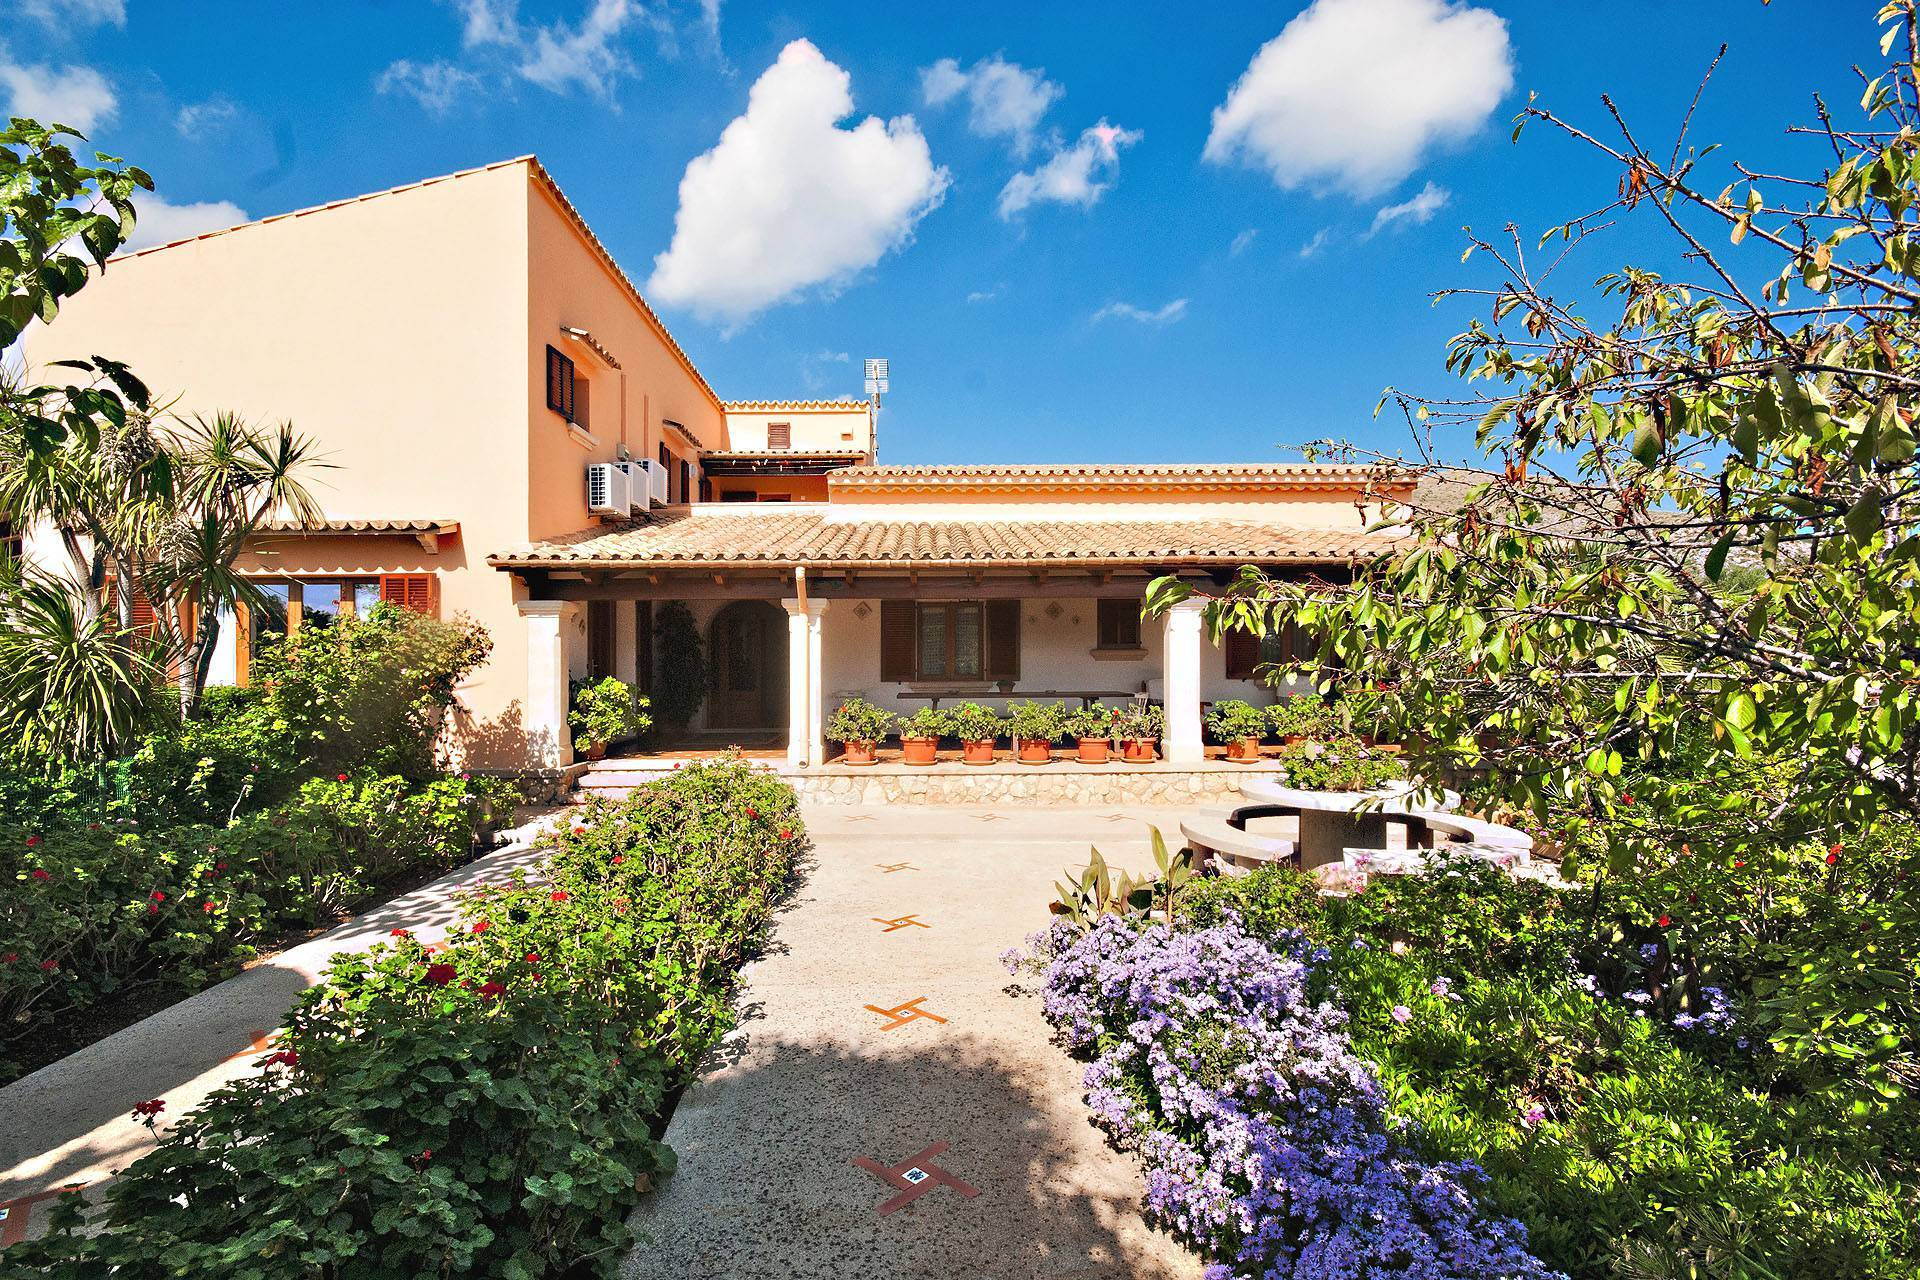 01-212 Große Finca Mallorca Norden Bild 8